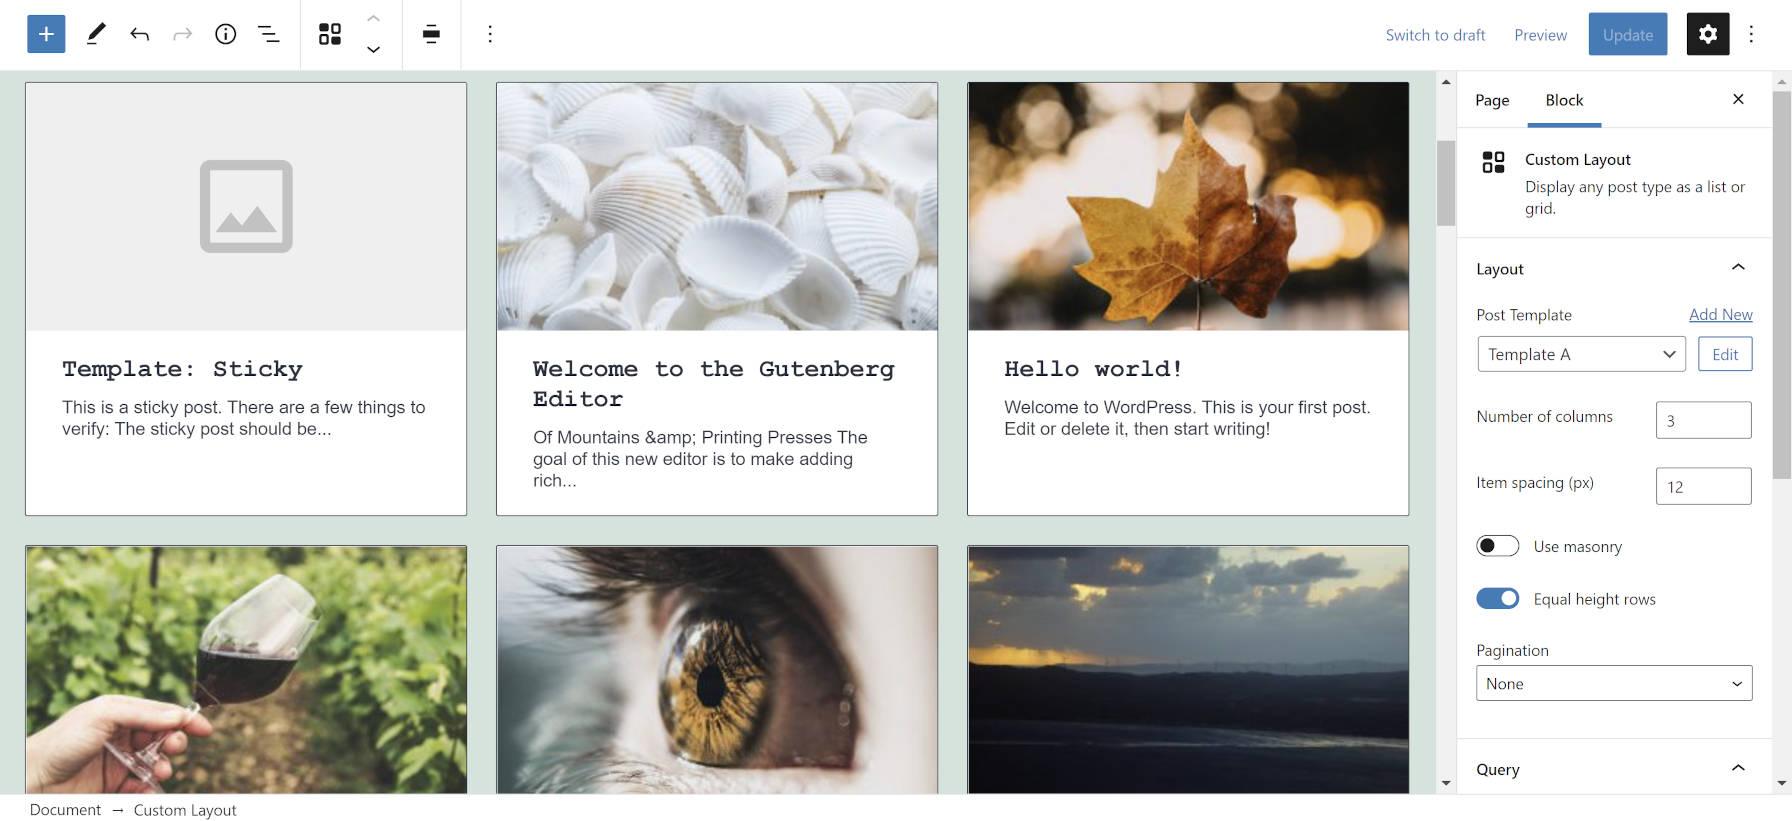 Bloquez les mises en page personnalisées dans l'éditeur WordPress.